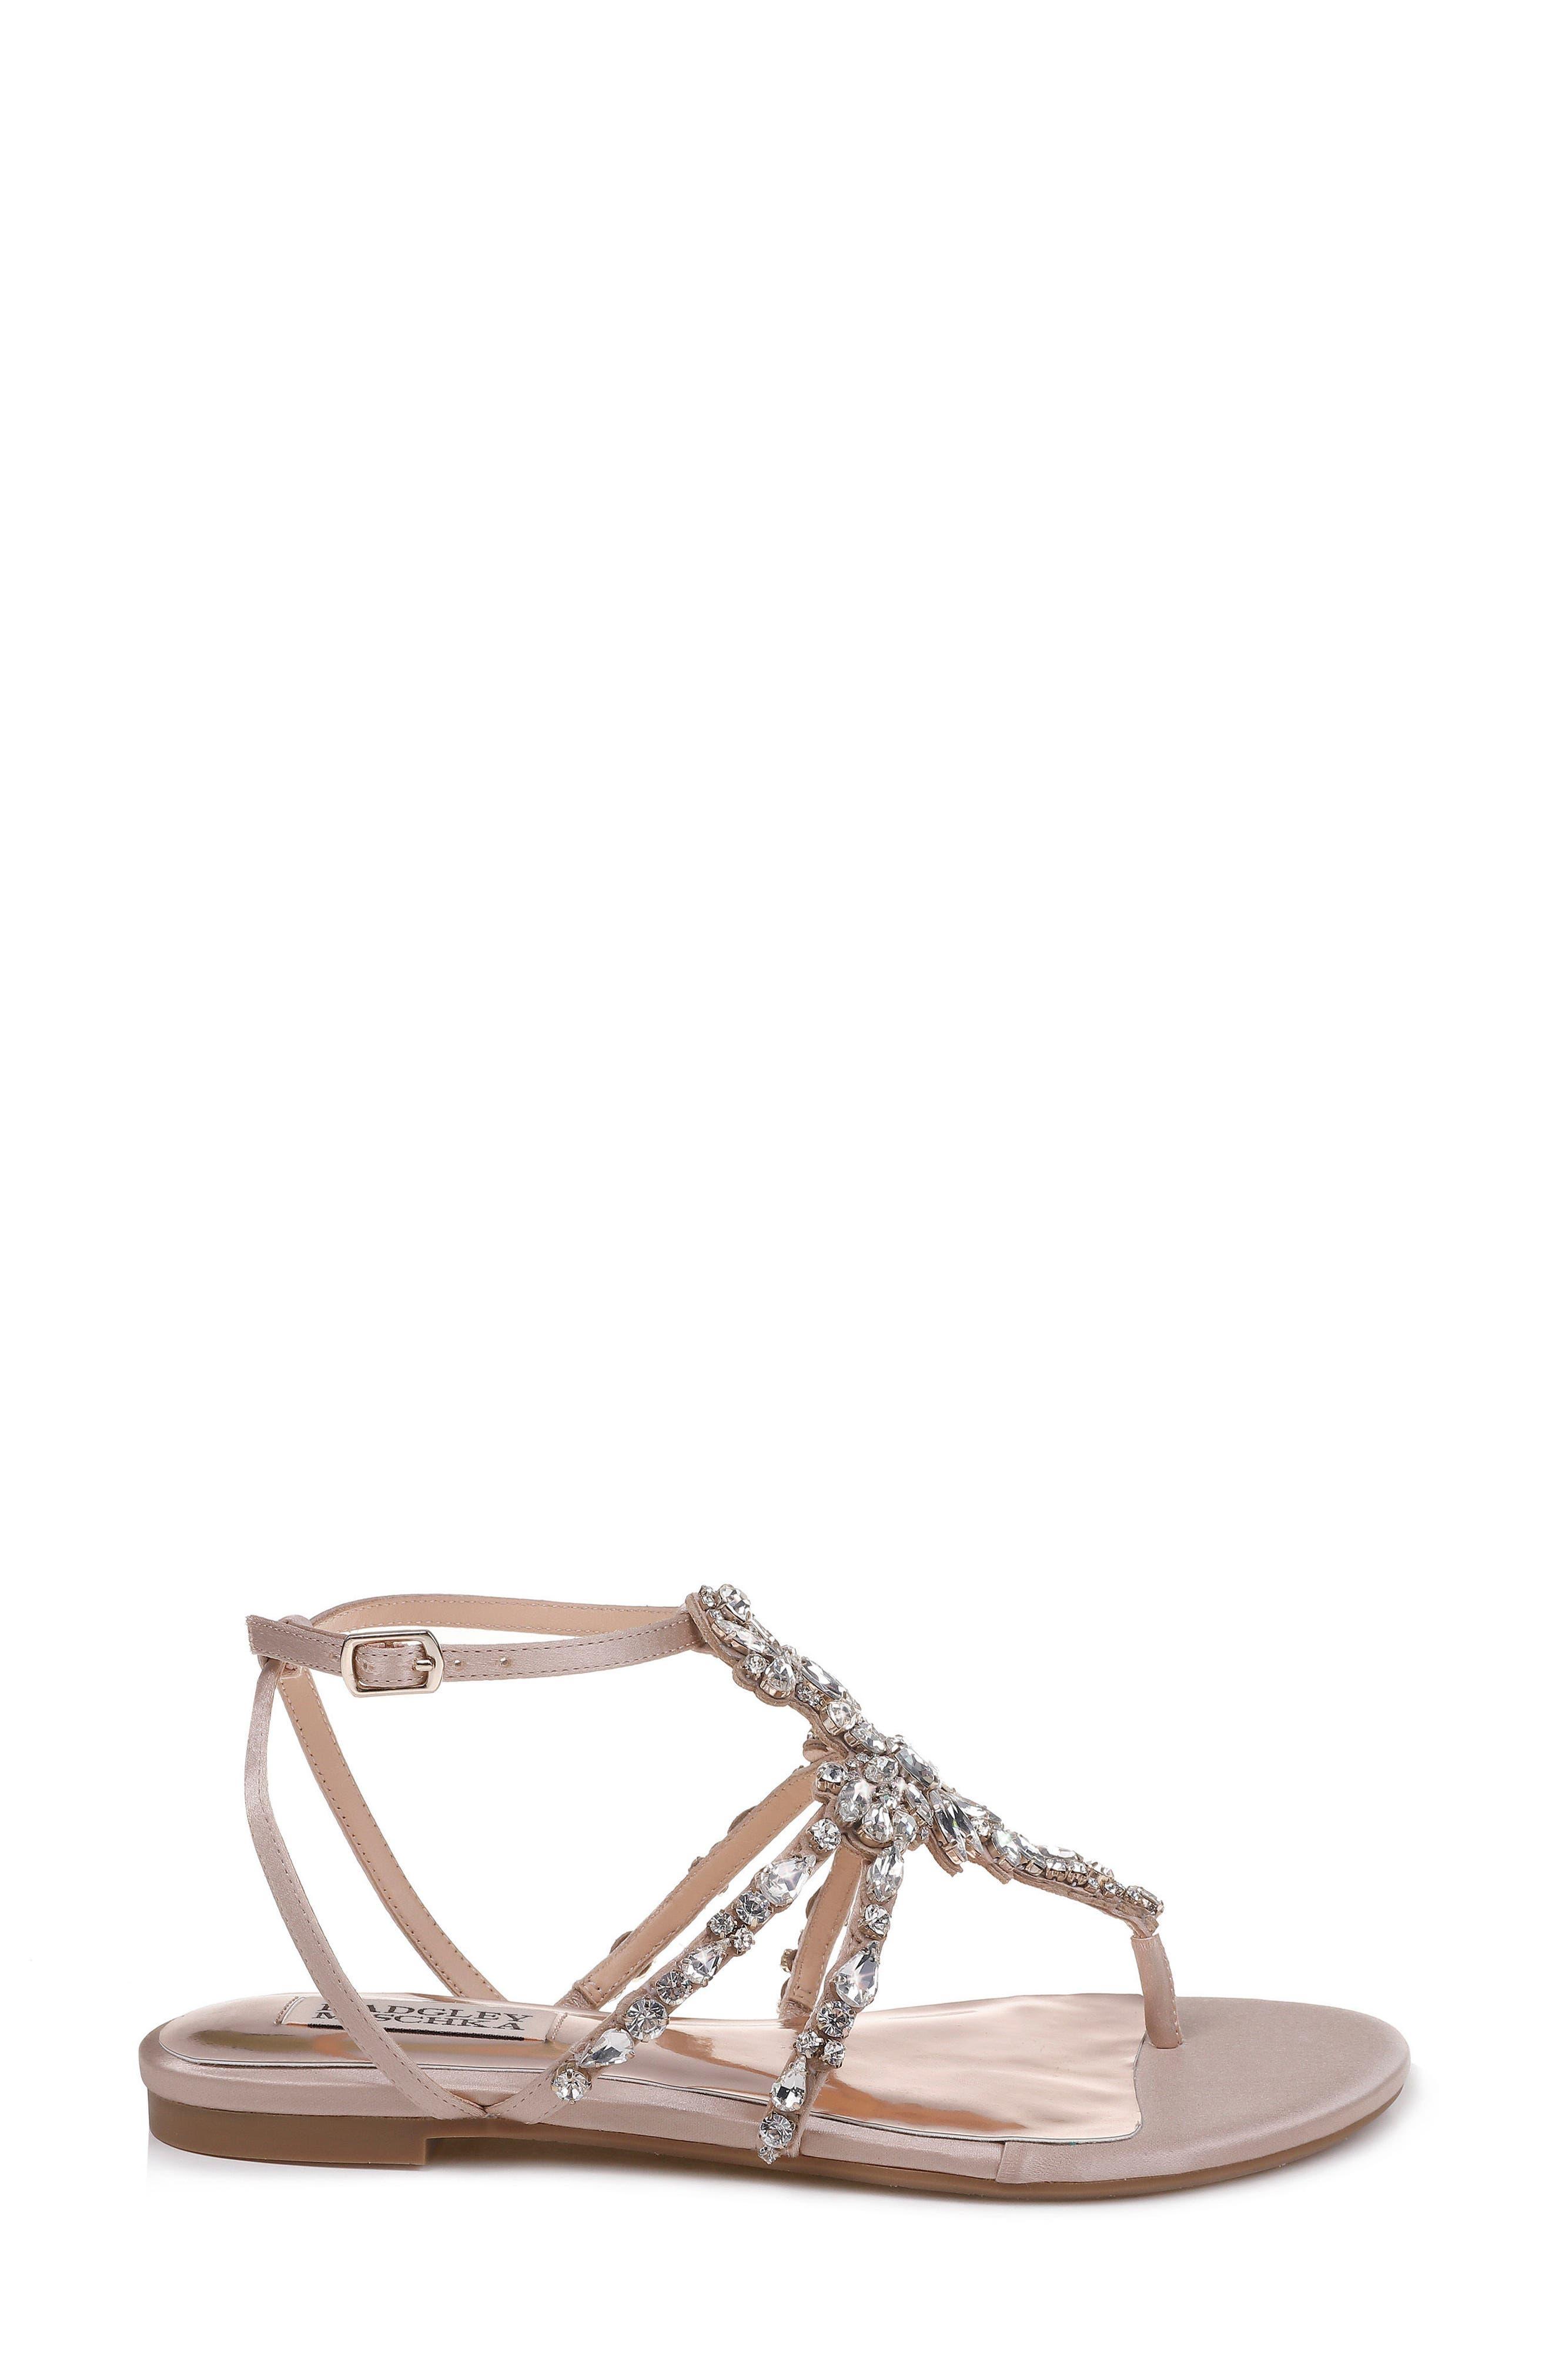 Hampden Crystal Embellished Sandal,                             Alternate thumbnail 3, color,                             LATTE SATIN